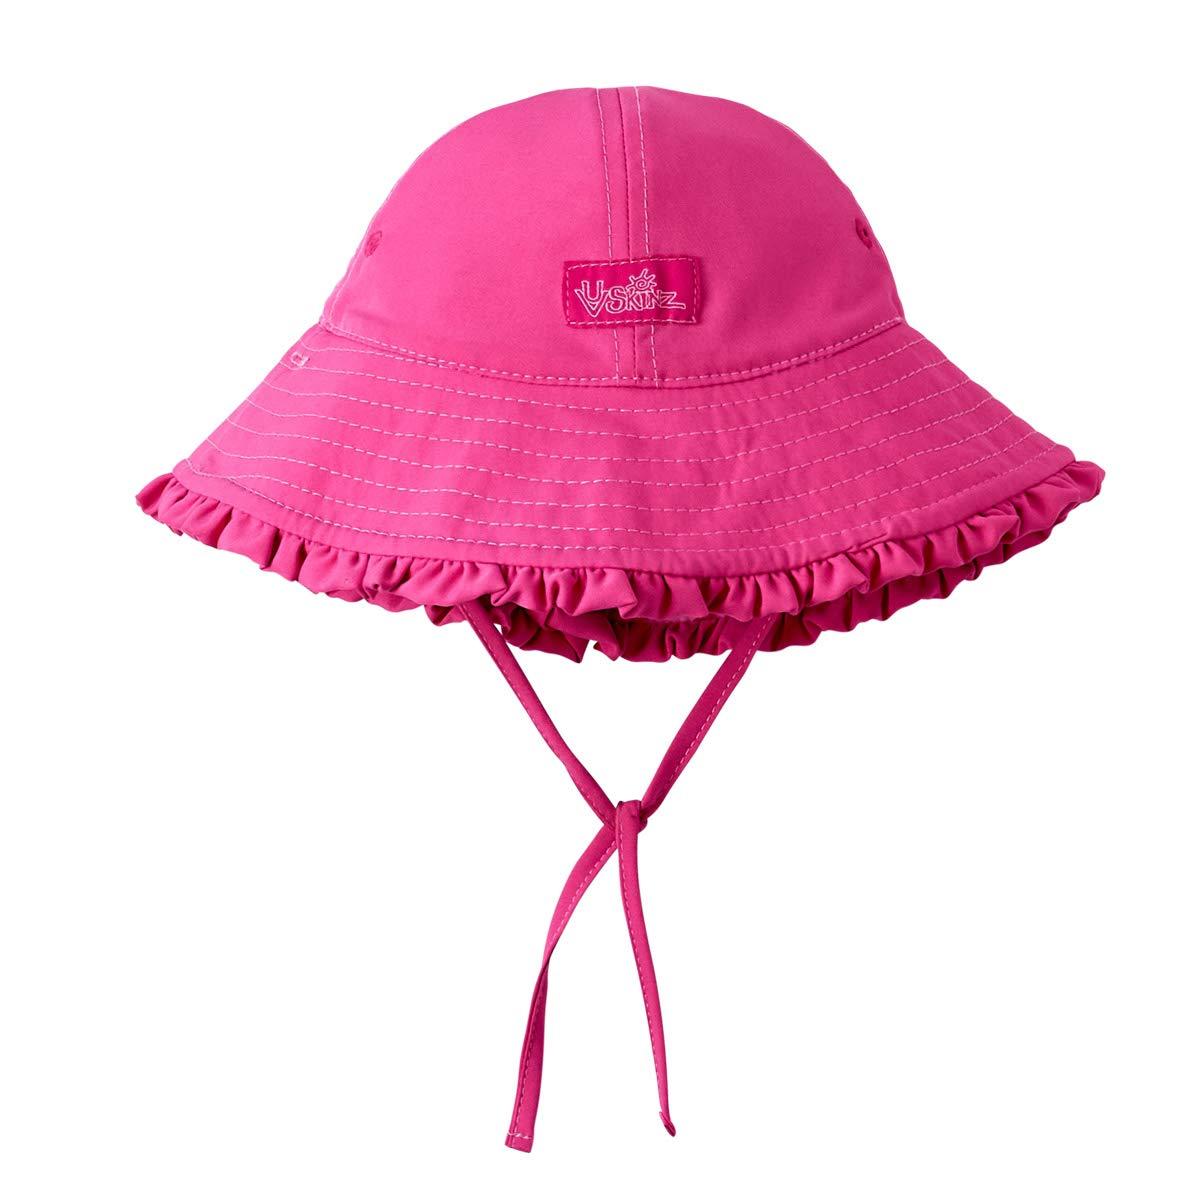 UV Skinz Baby Girls/' UPF 50 Sun-Blocking Hat for Infants Reversible Sun Hat